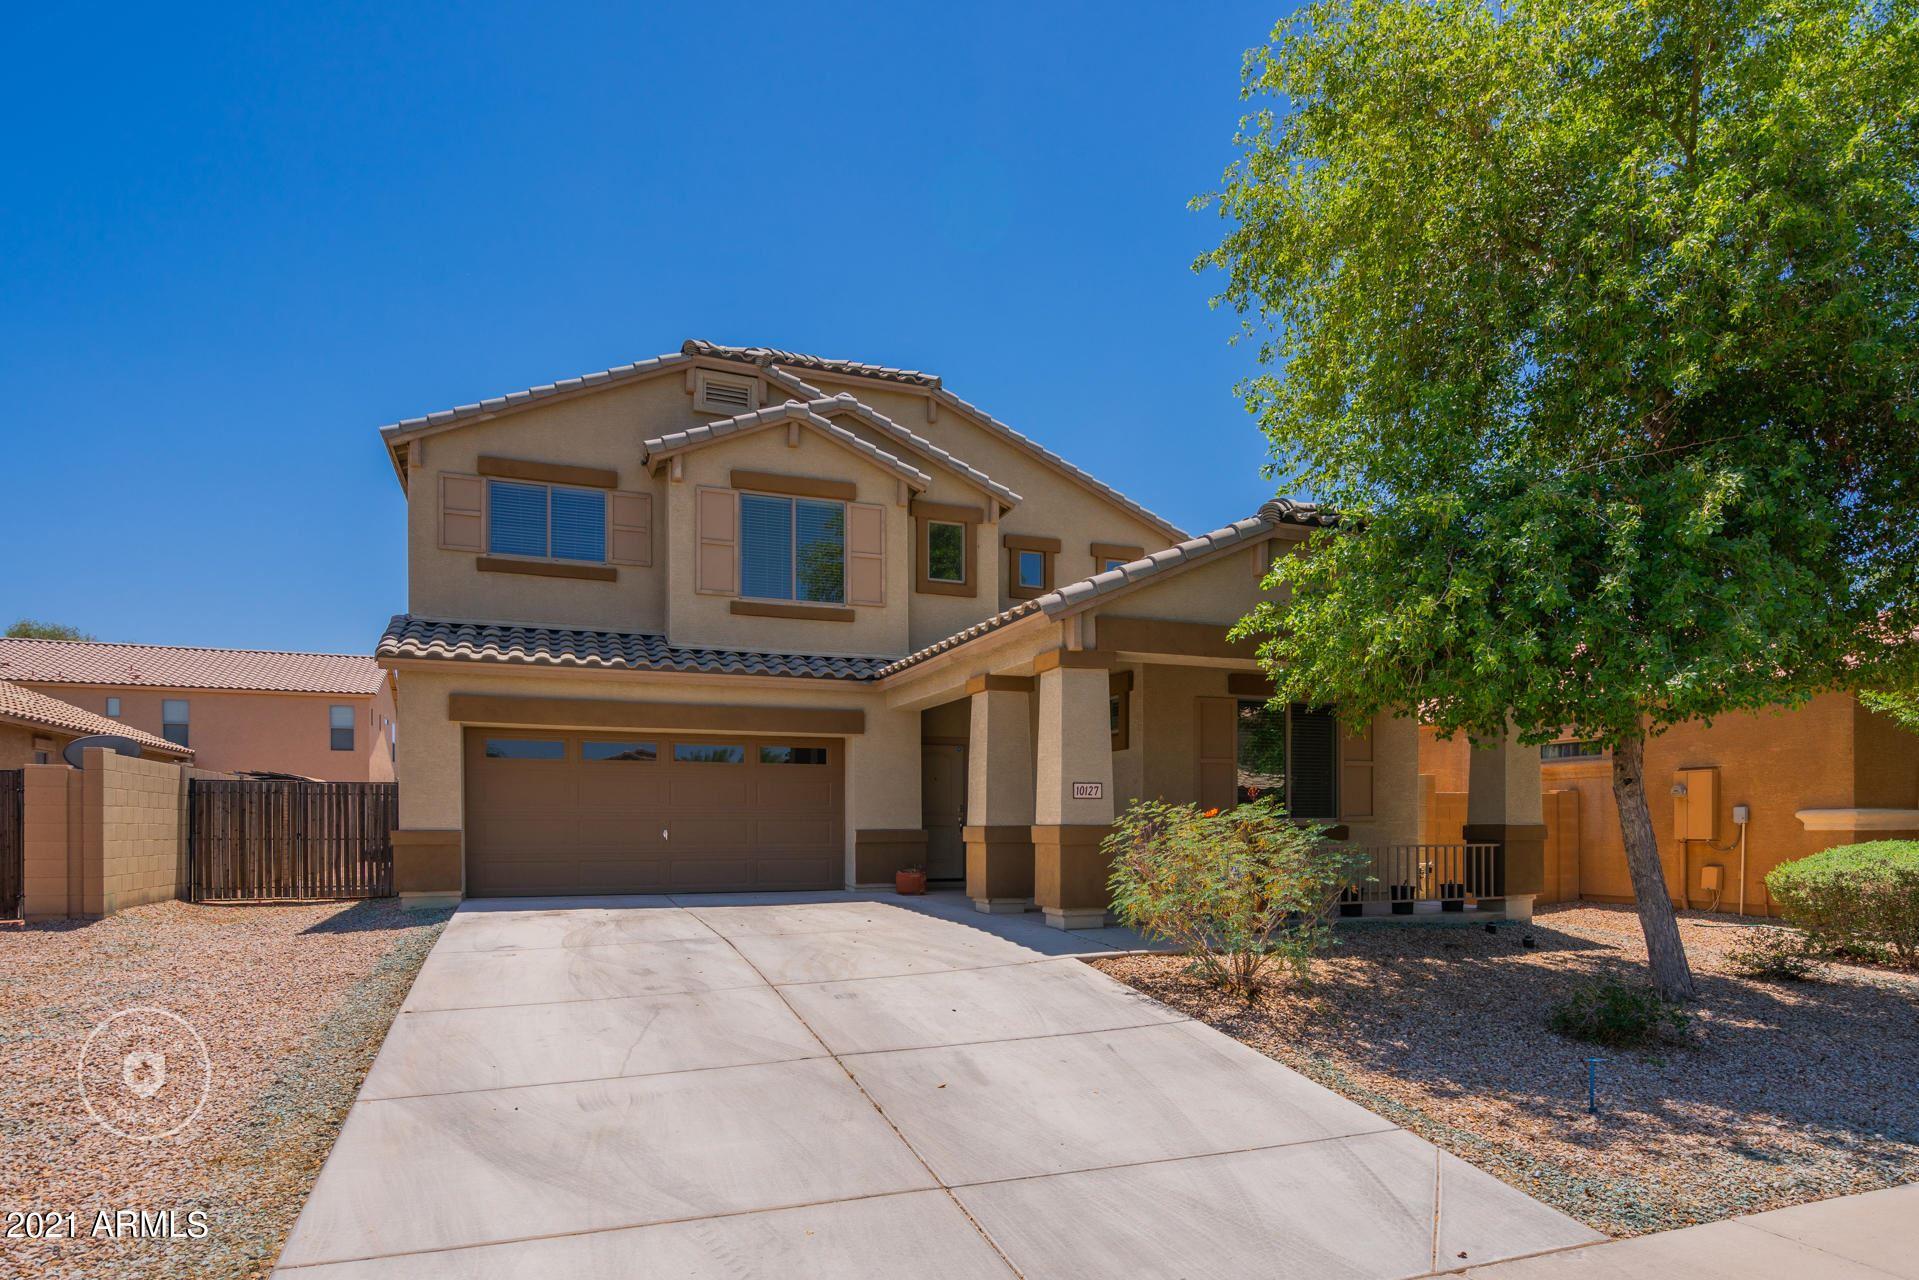 10127 W RAYMOND Street, Tolleson, AZ 85353 - MLS#: 6233983